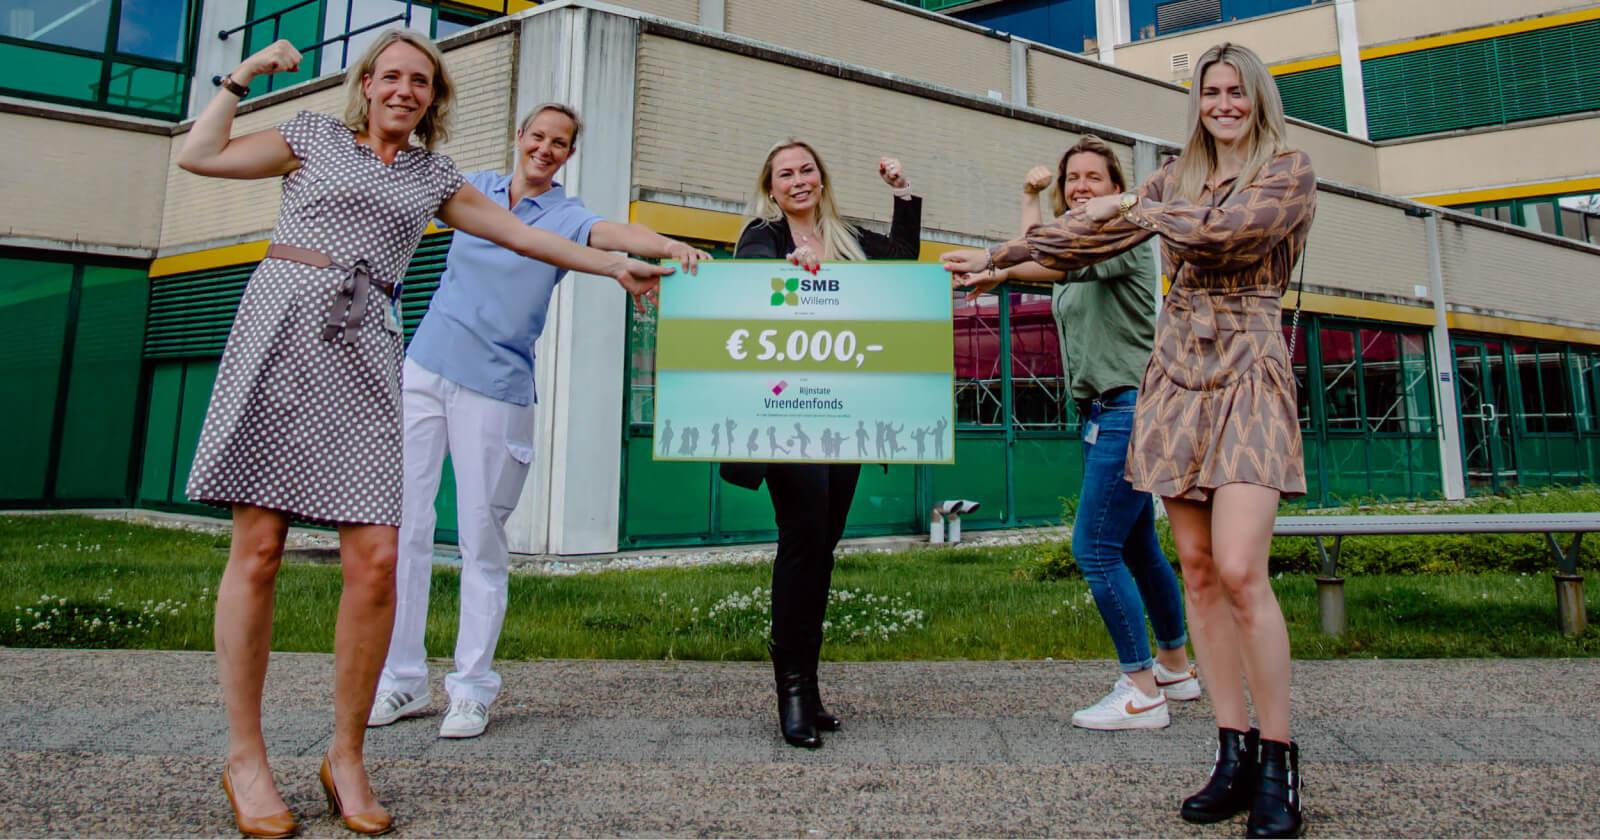 Donatie voor Rijnstate Vriendenfonds